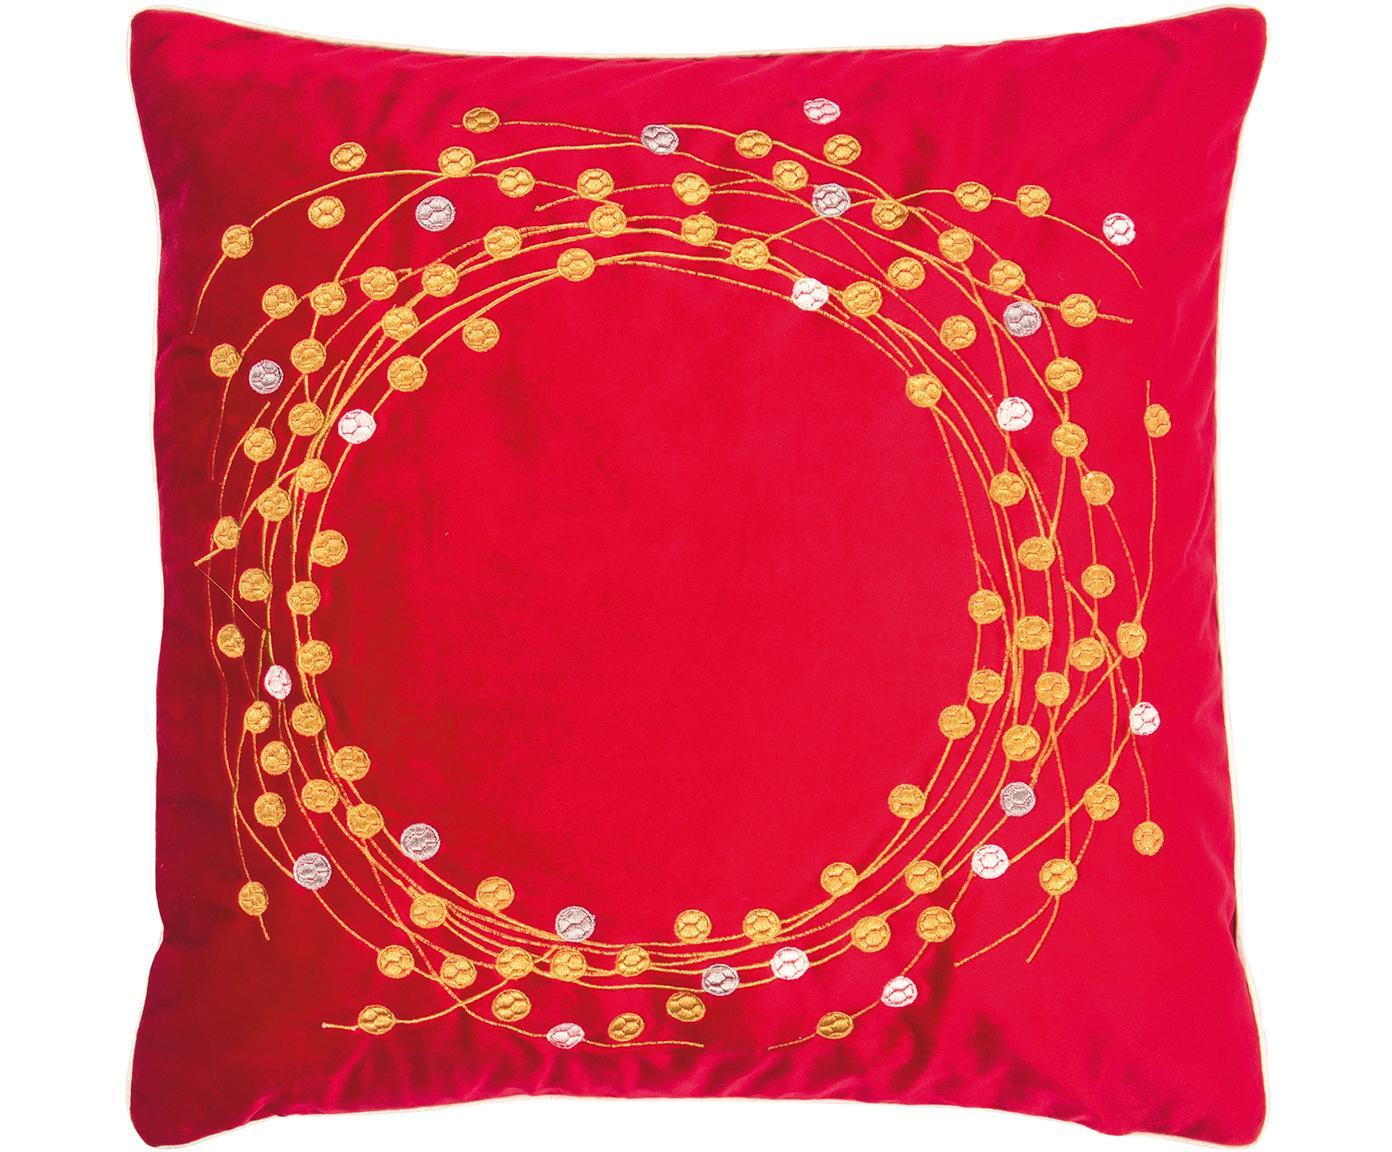 Fluwelen kussenhoes Circle met geborduurd wintermotief, Polyester fluweel, Rood, goudkleurig, 45 x 45 cm